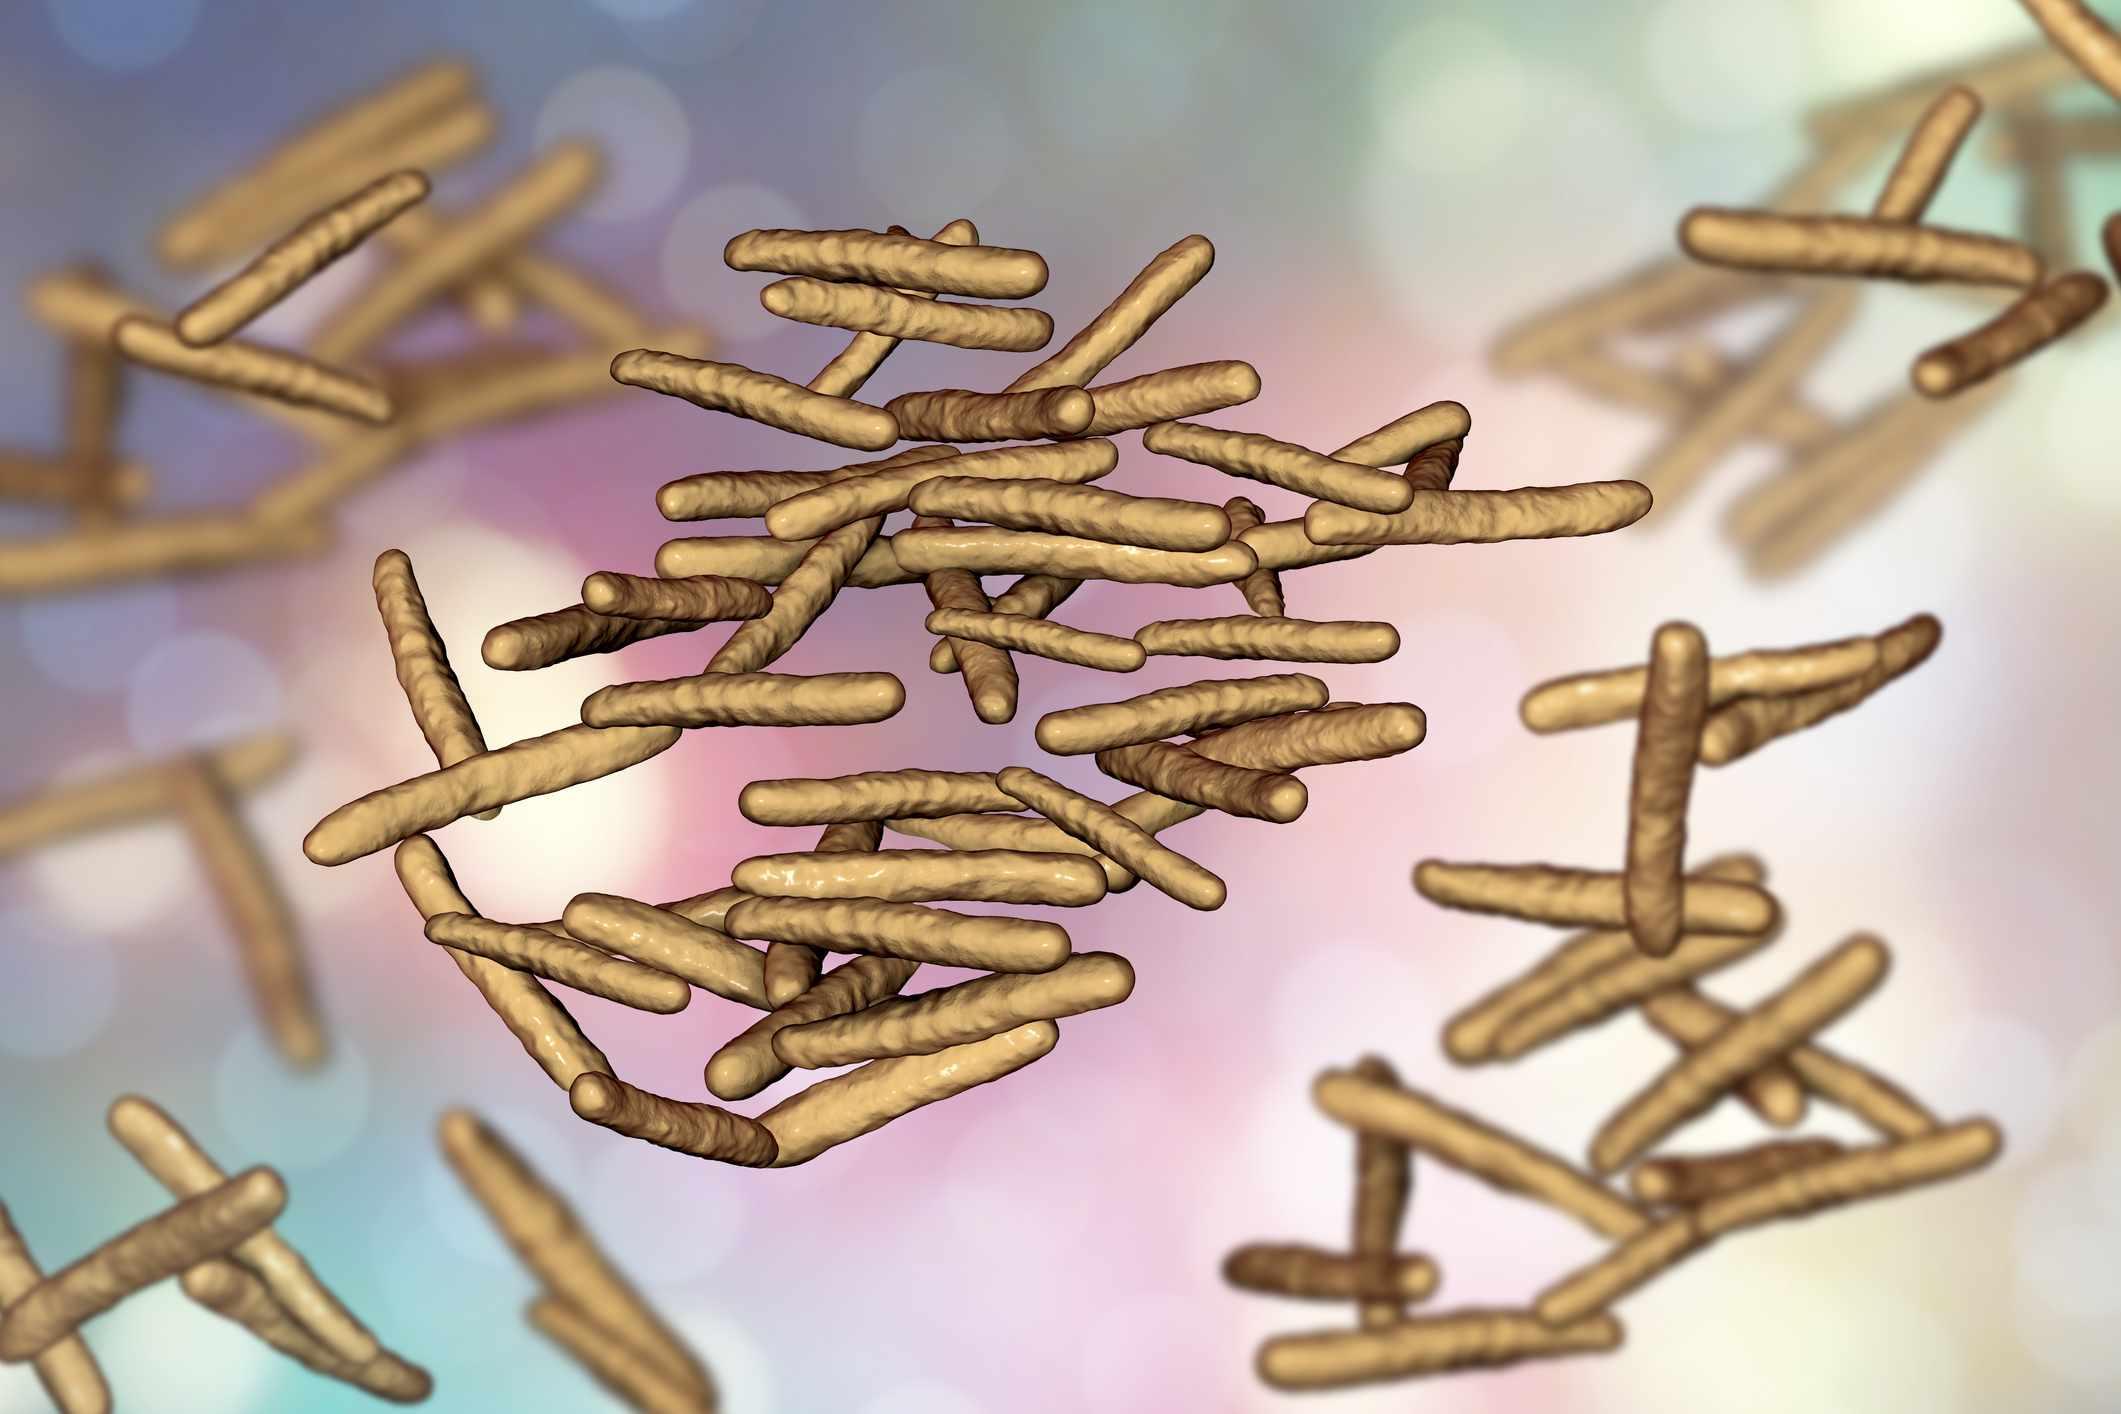 Mycobacterium avium intracellulare, a non-tuburculous mycobacterium